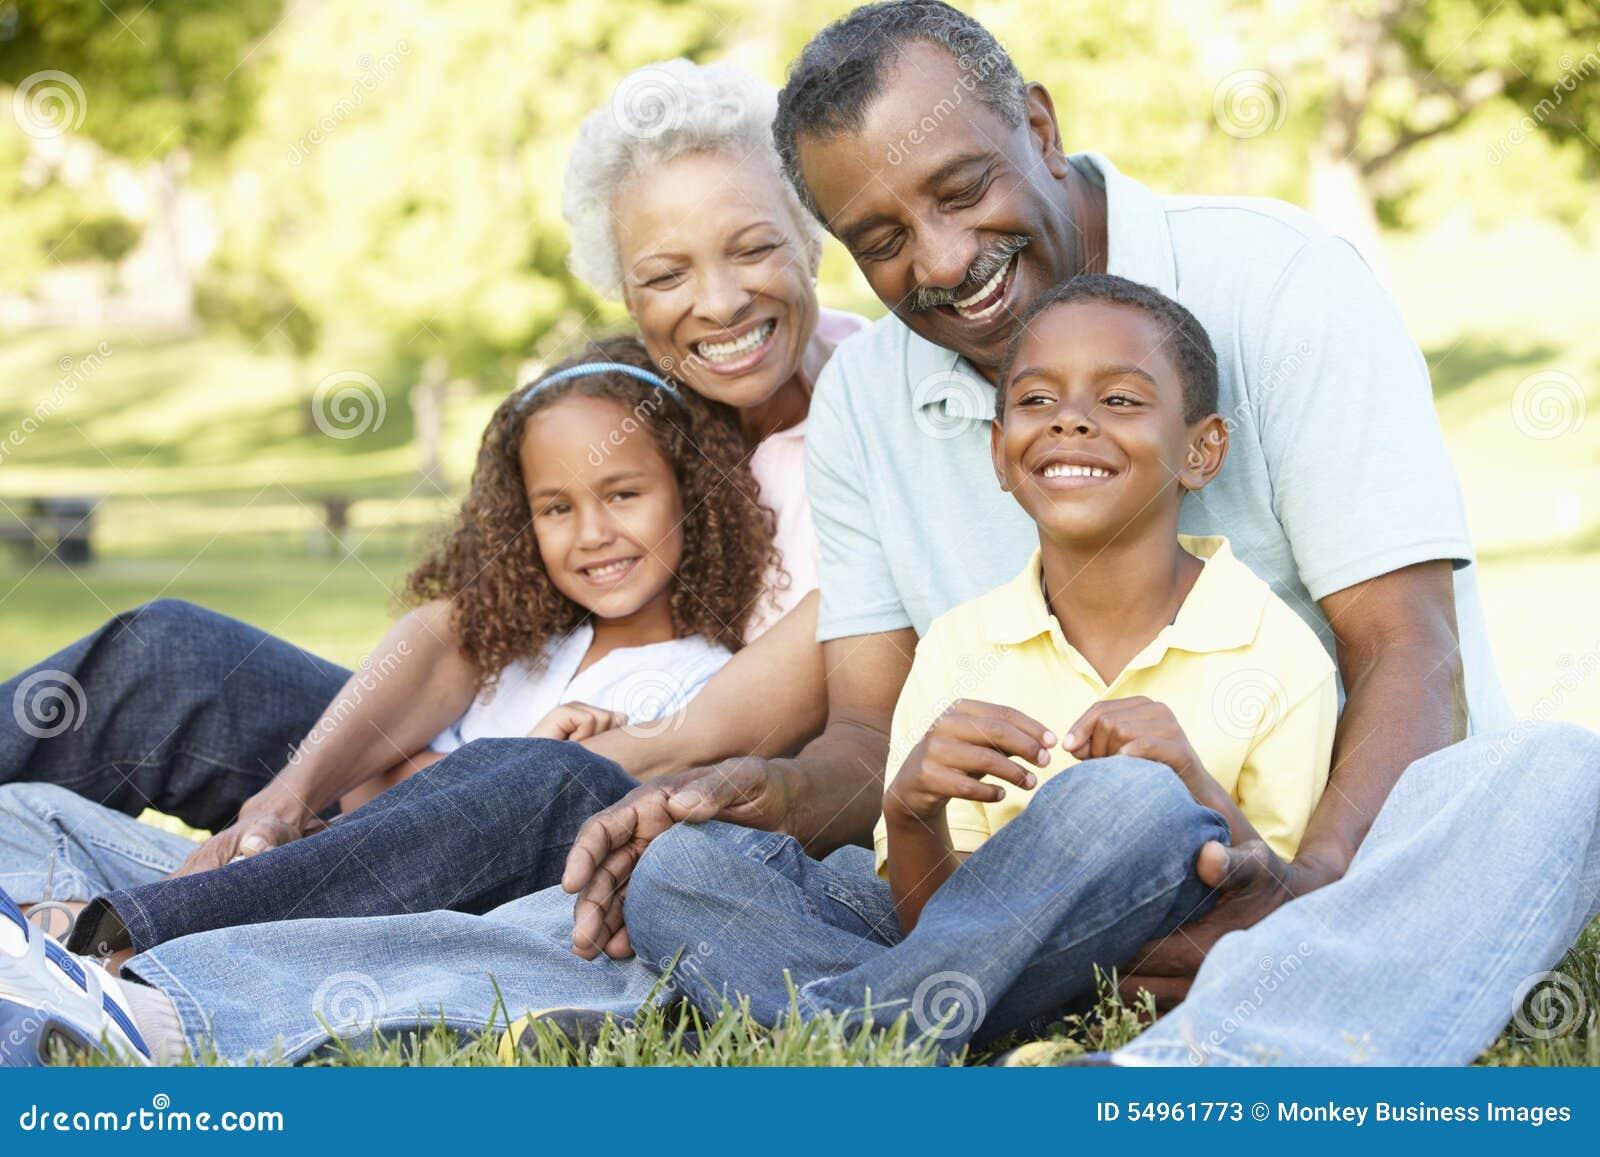 Download African American Grandparents With Grandchildren Relaxing In Park Stock Image - Image of grandchildren, children: 54961773